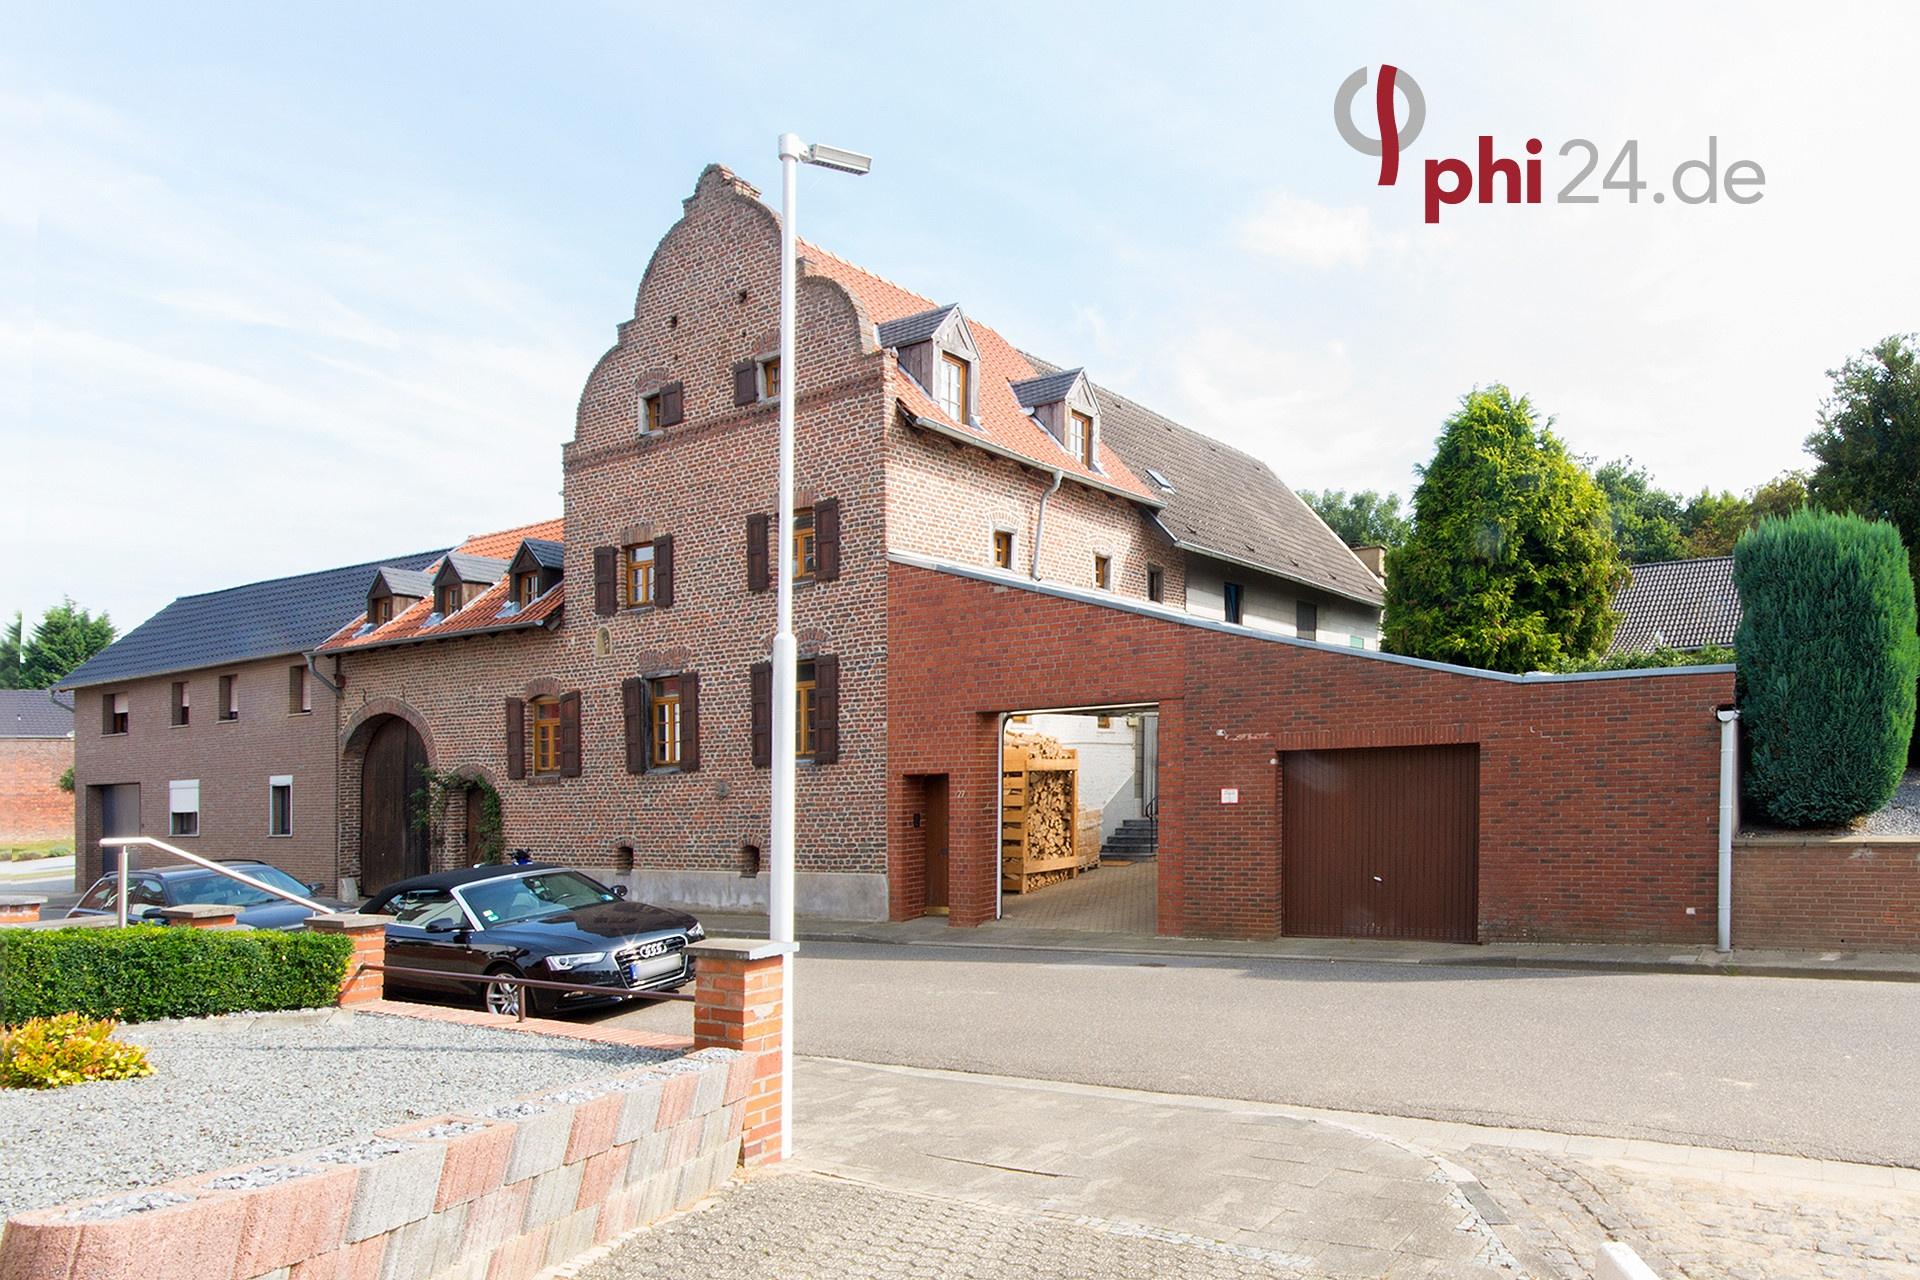 Immobilienmakler Linnich Reihenhaus referenzen mit Immobilienbewertung